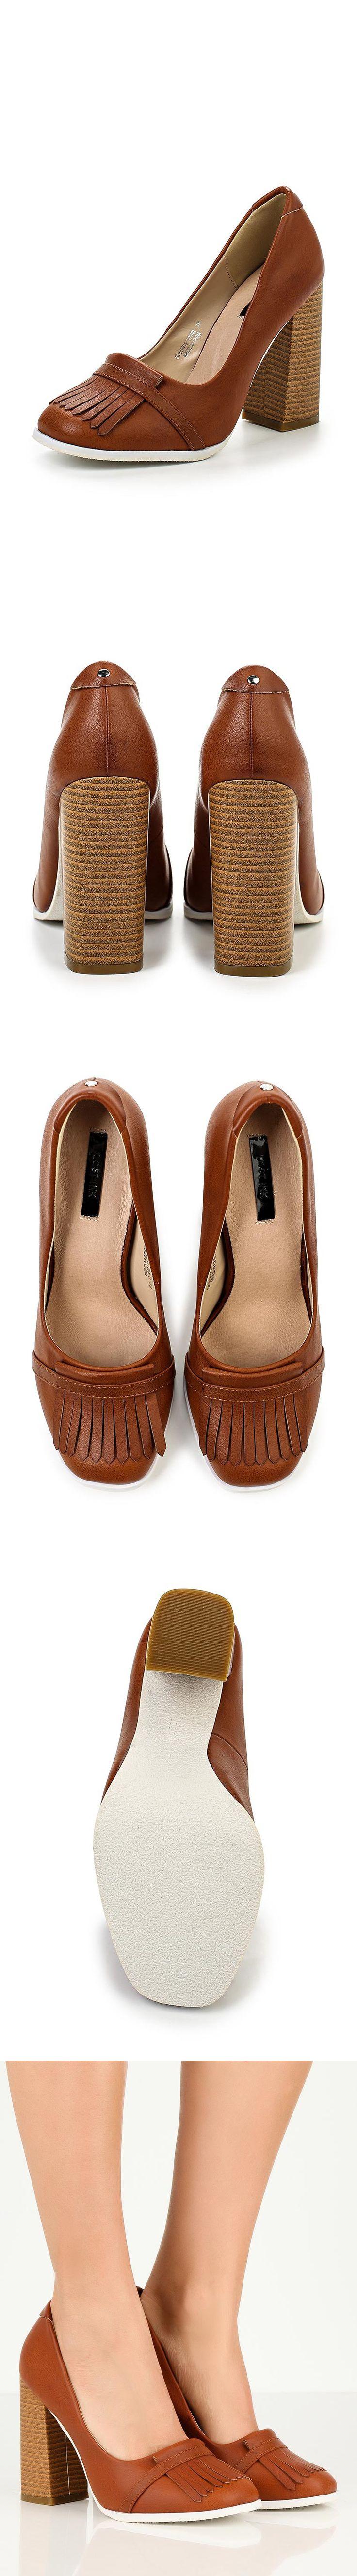 Женская обувь туфли LOST INK за 3499.00 руб.